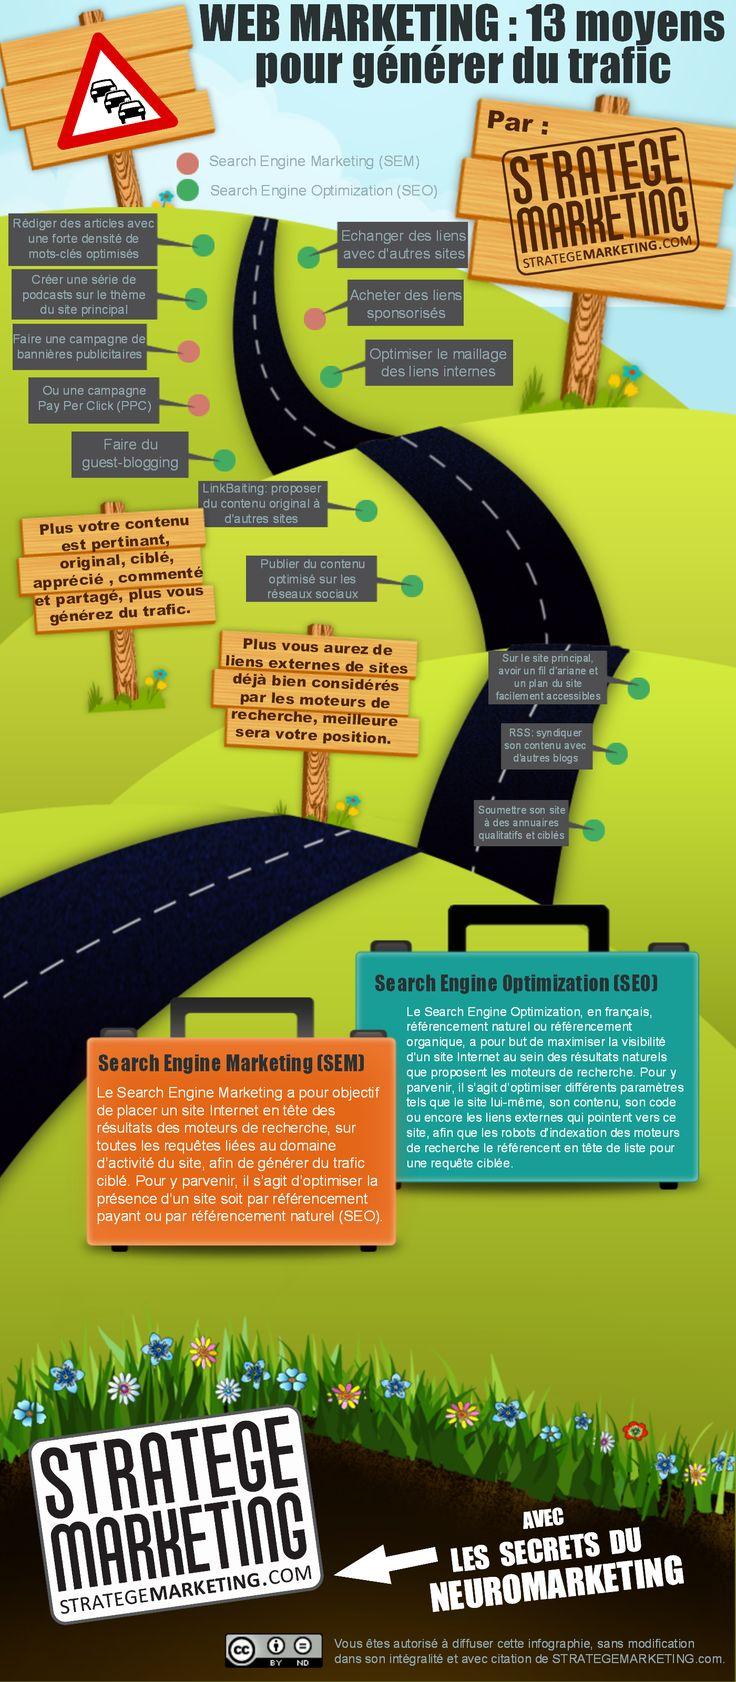 [INFOGRAPHIE] WEB MARKETING 13 moyens pour générer du trafic